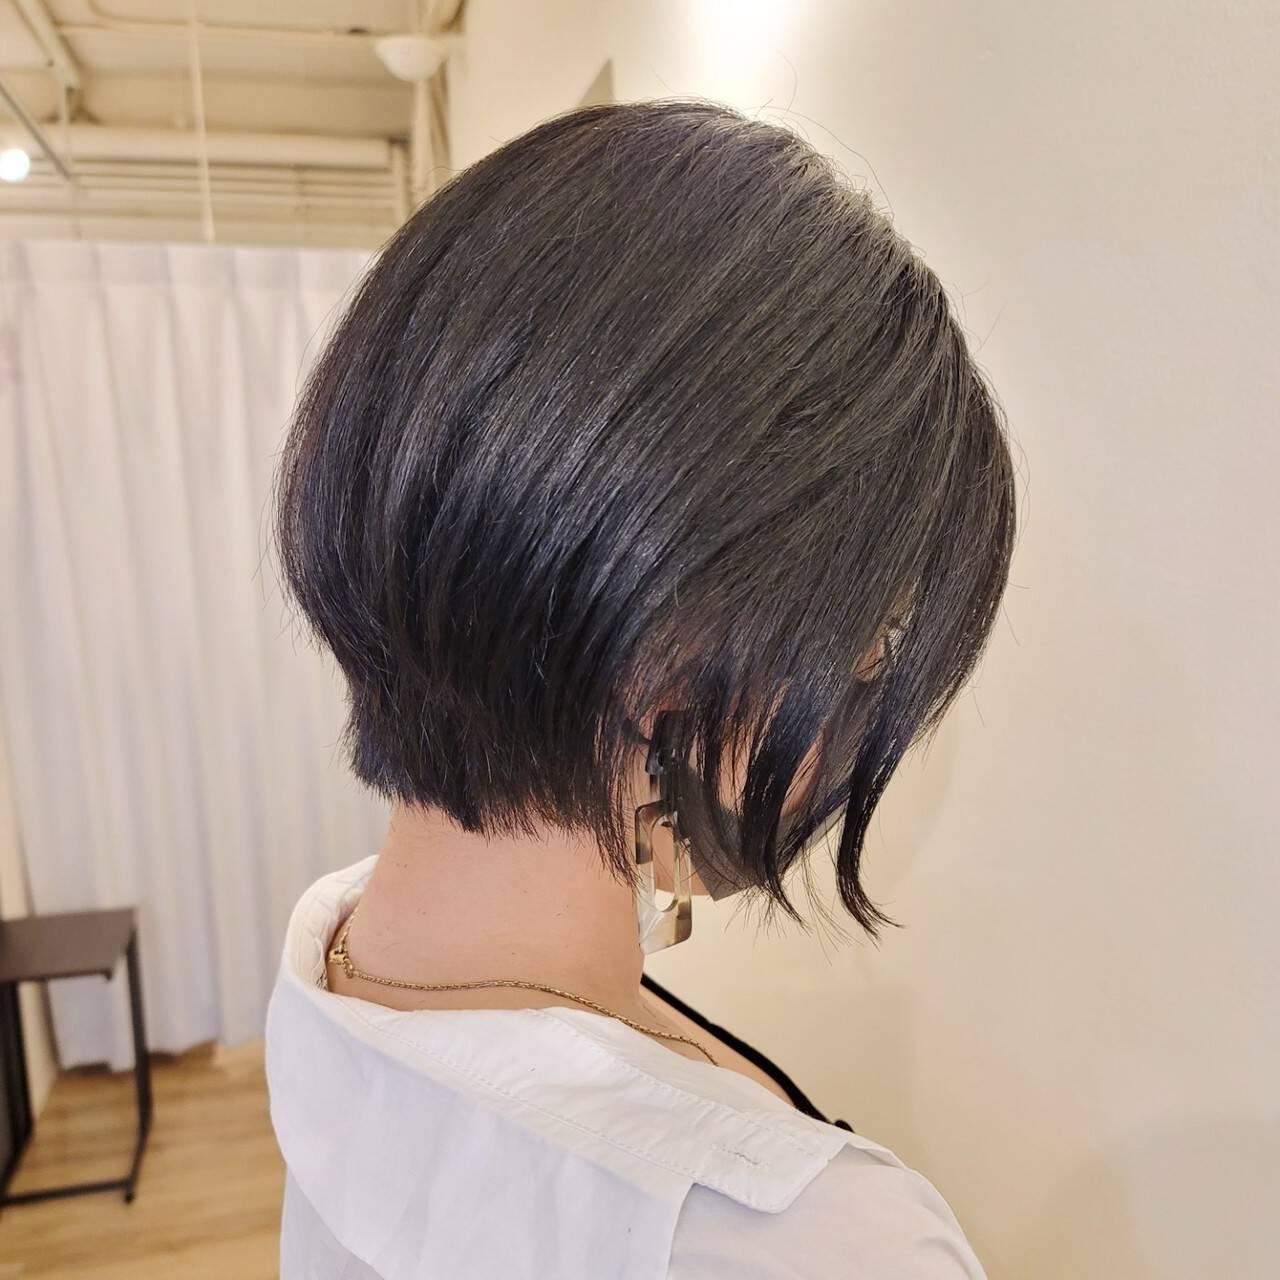 前下がりヘア ショートヘア ショート 前下がりボブヘアスタイルや髪型の写真・画像